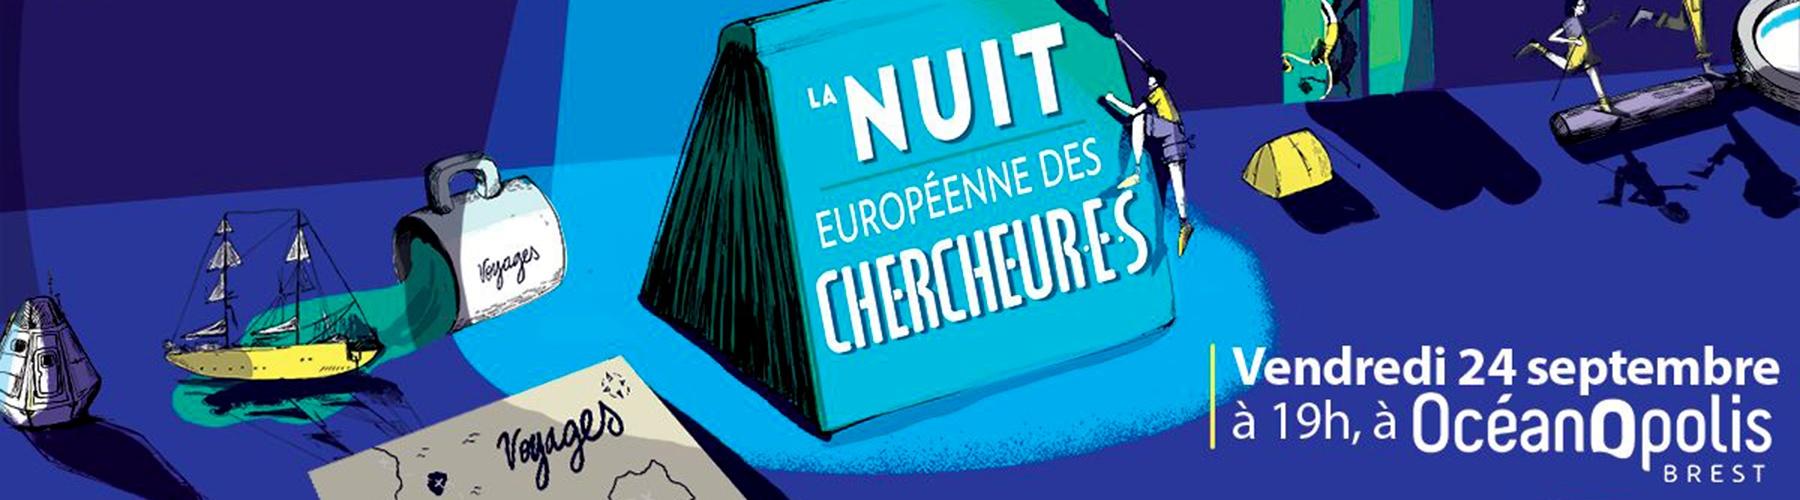 Nuit Européenne des chercheur.e.s 2021